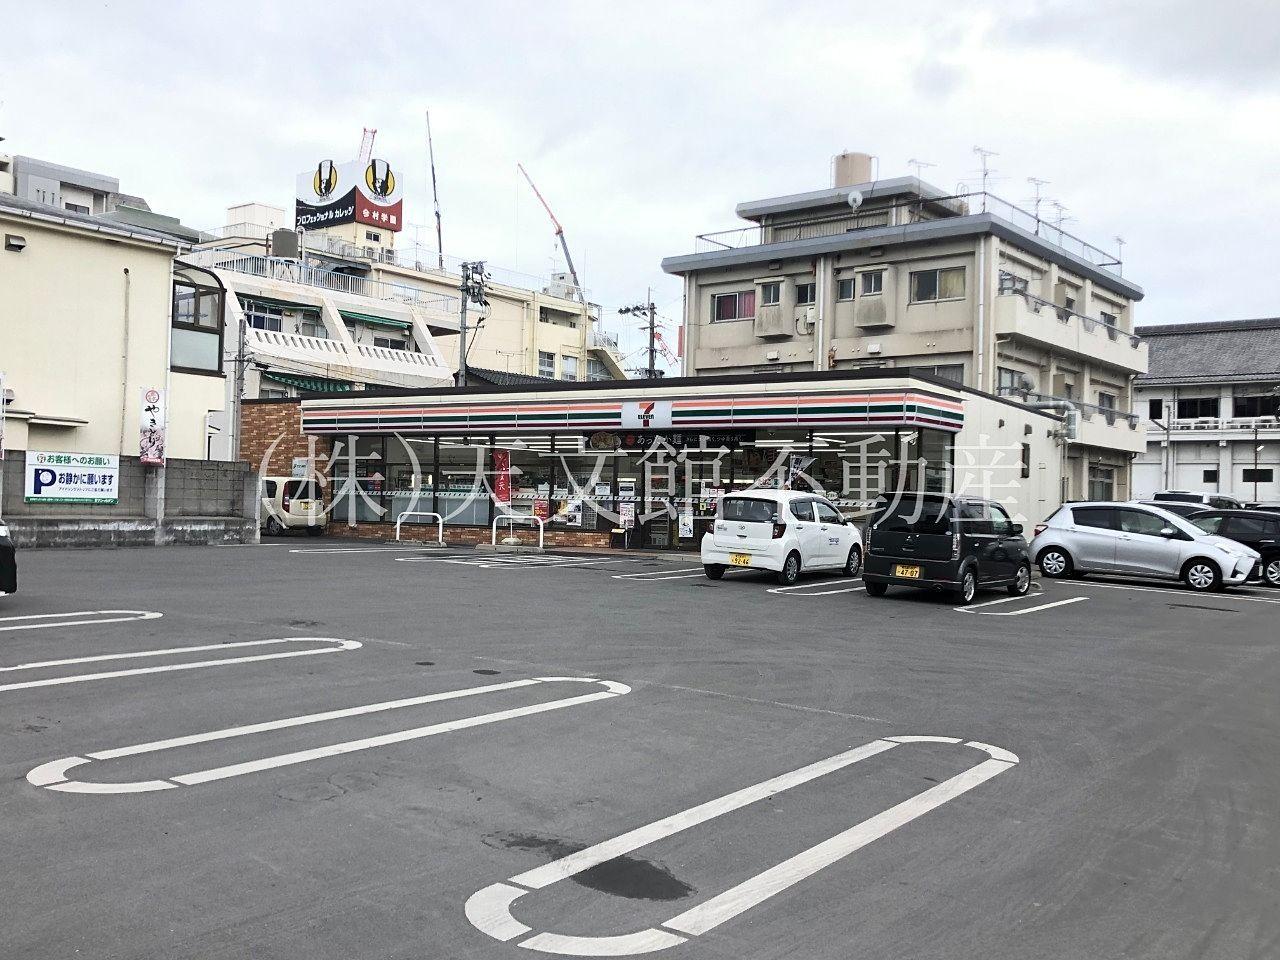 鹿児島市高麗町セブンイレブン 鹿児島高麗町店駐車場も広くて止めやすいです